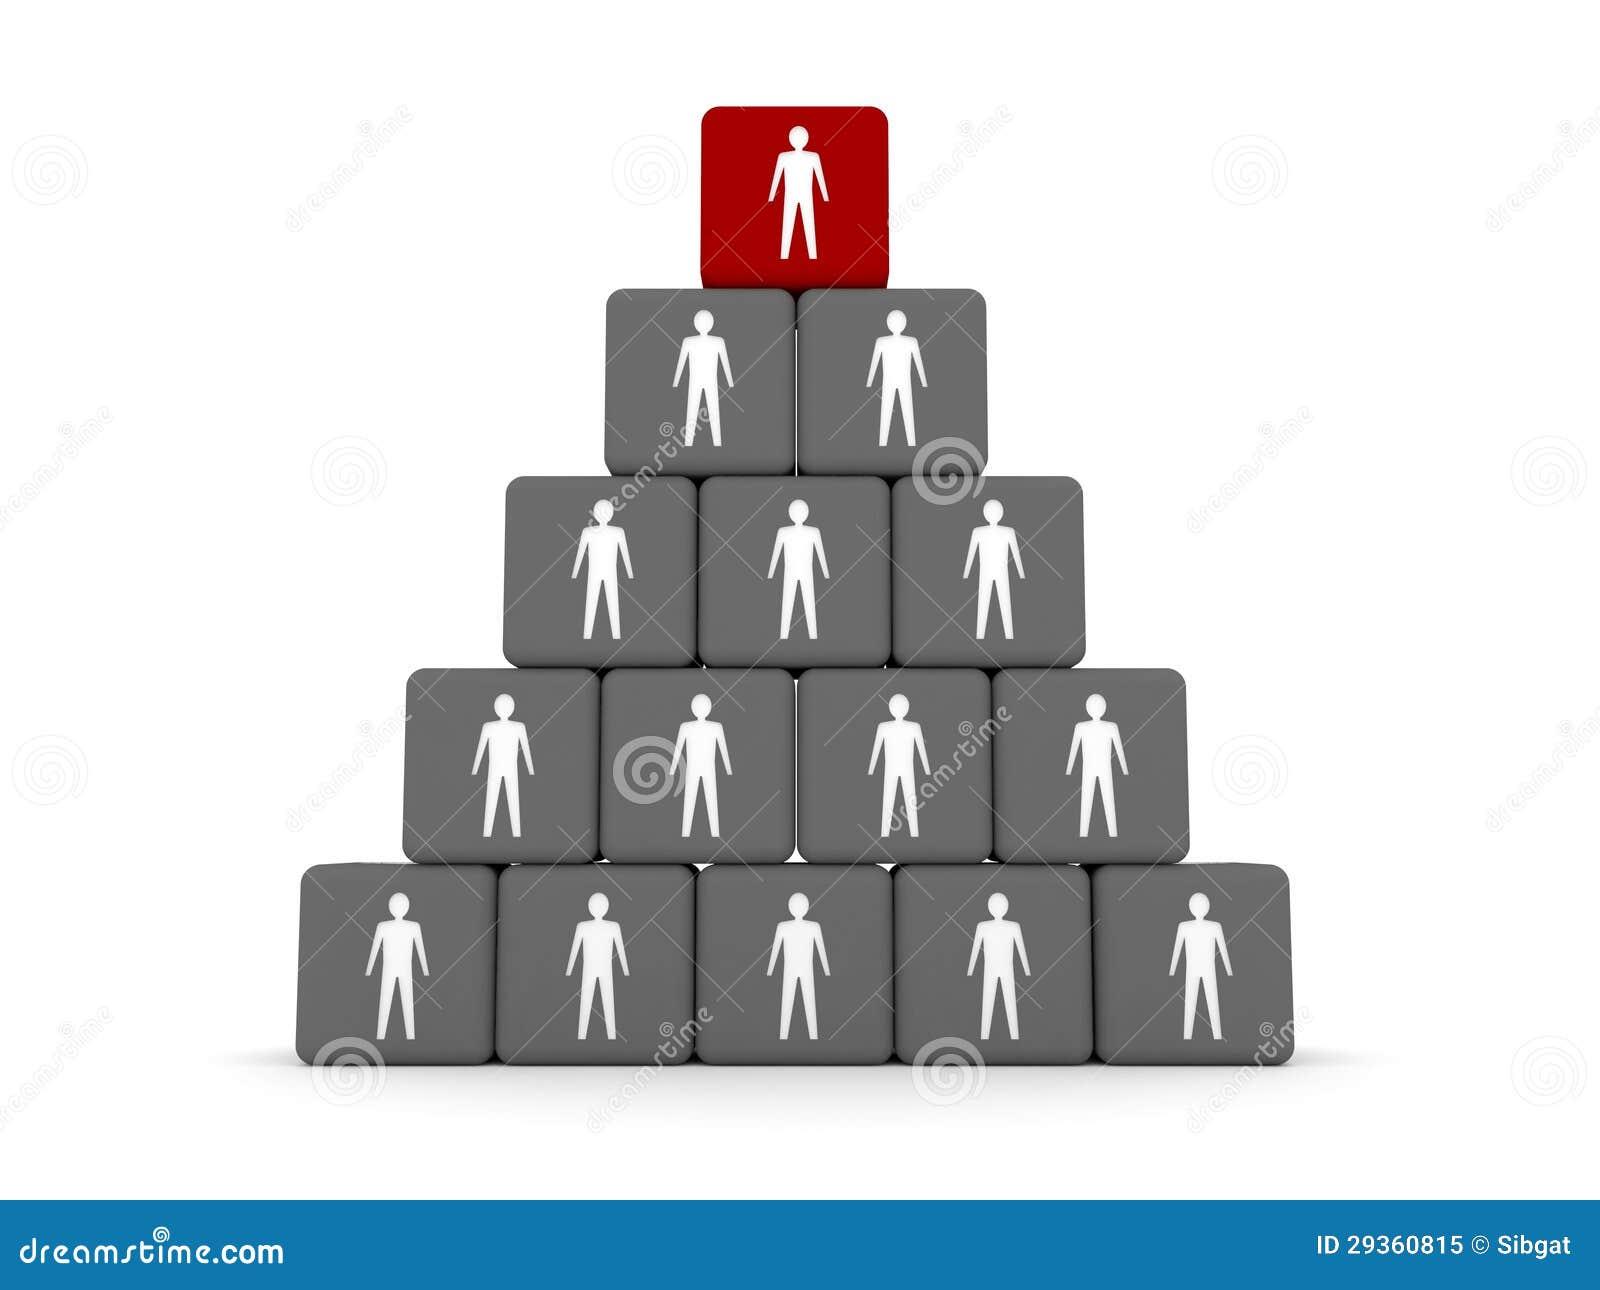 Konzept der Hierarchie. Führer an der Spitze.